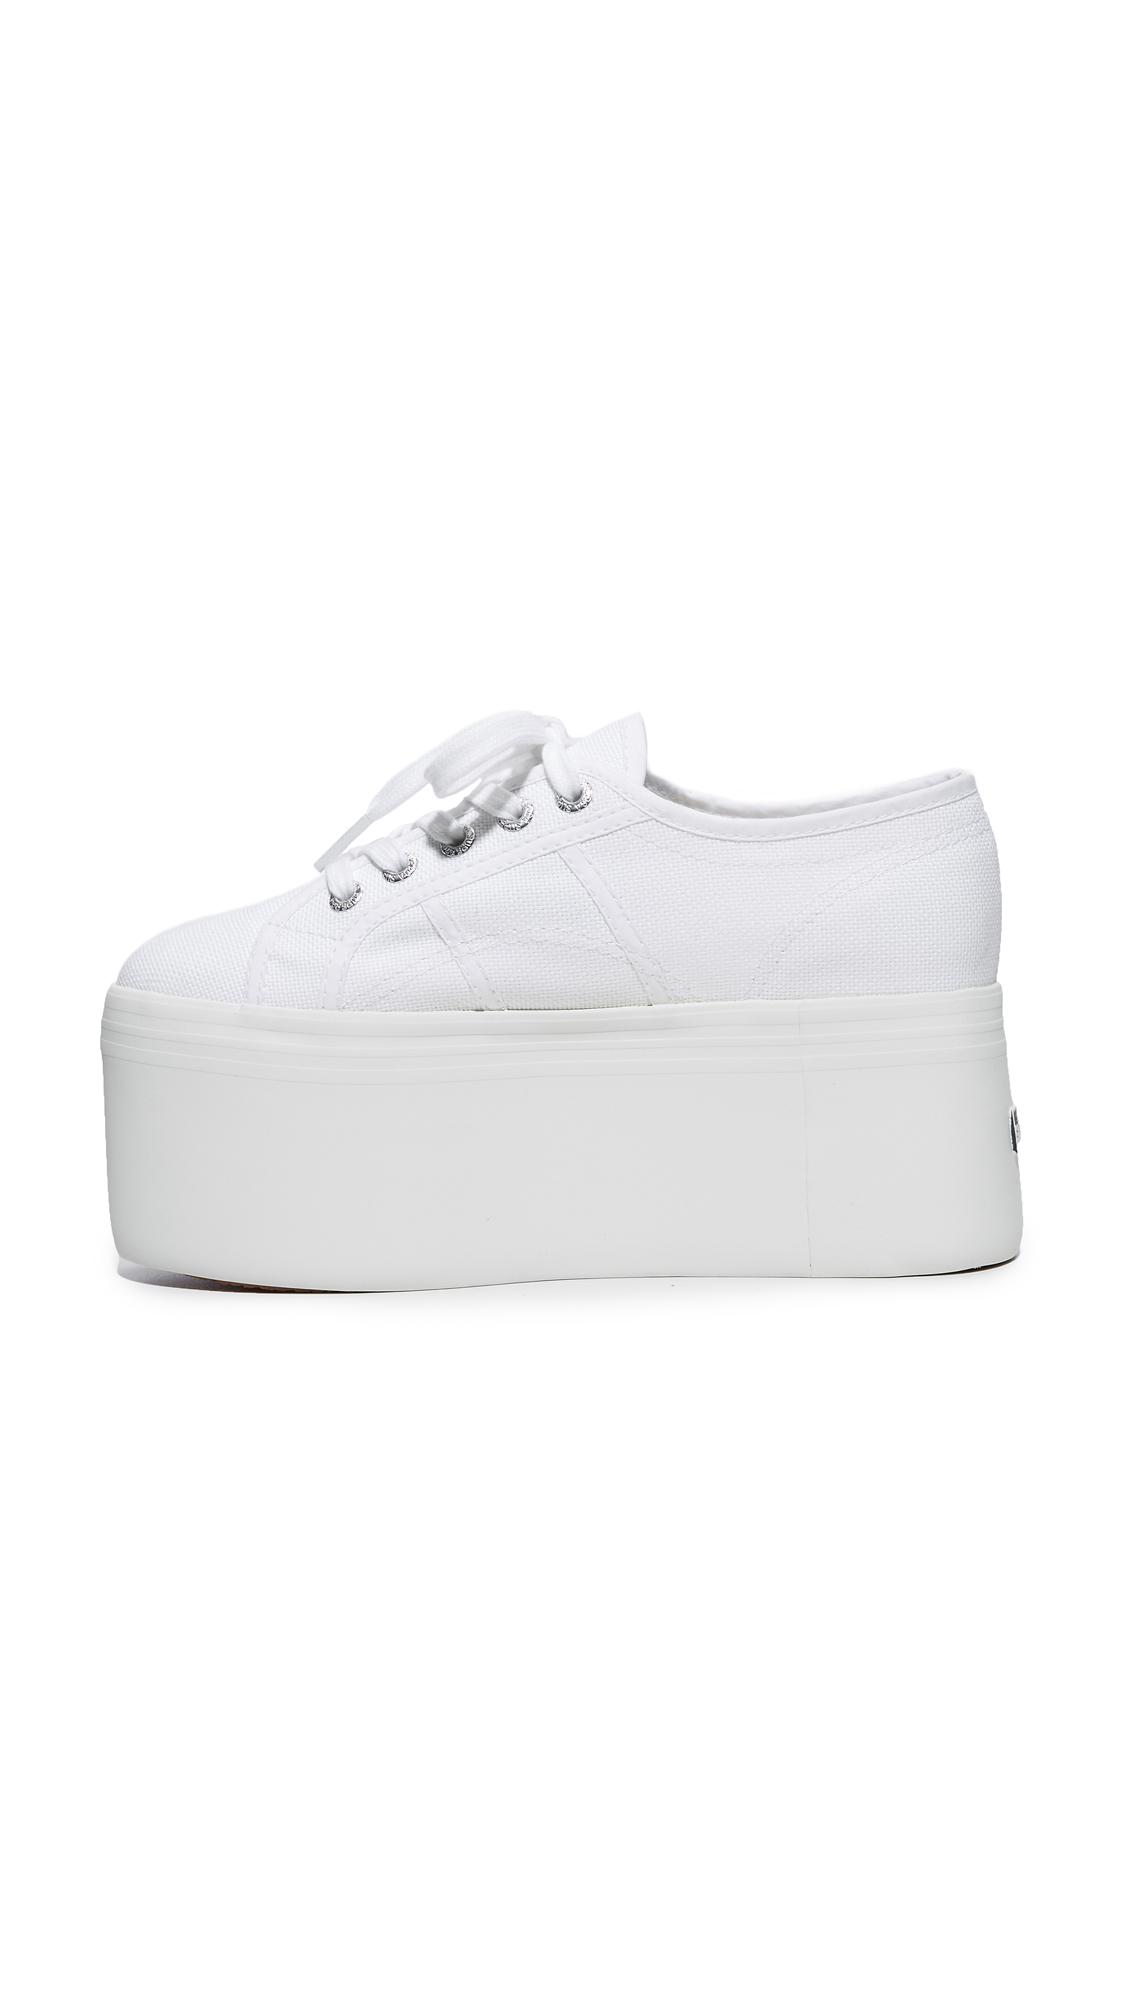 fba2afead49 Superga 2802 Canvas Super Platform Sneakers